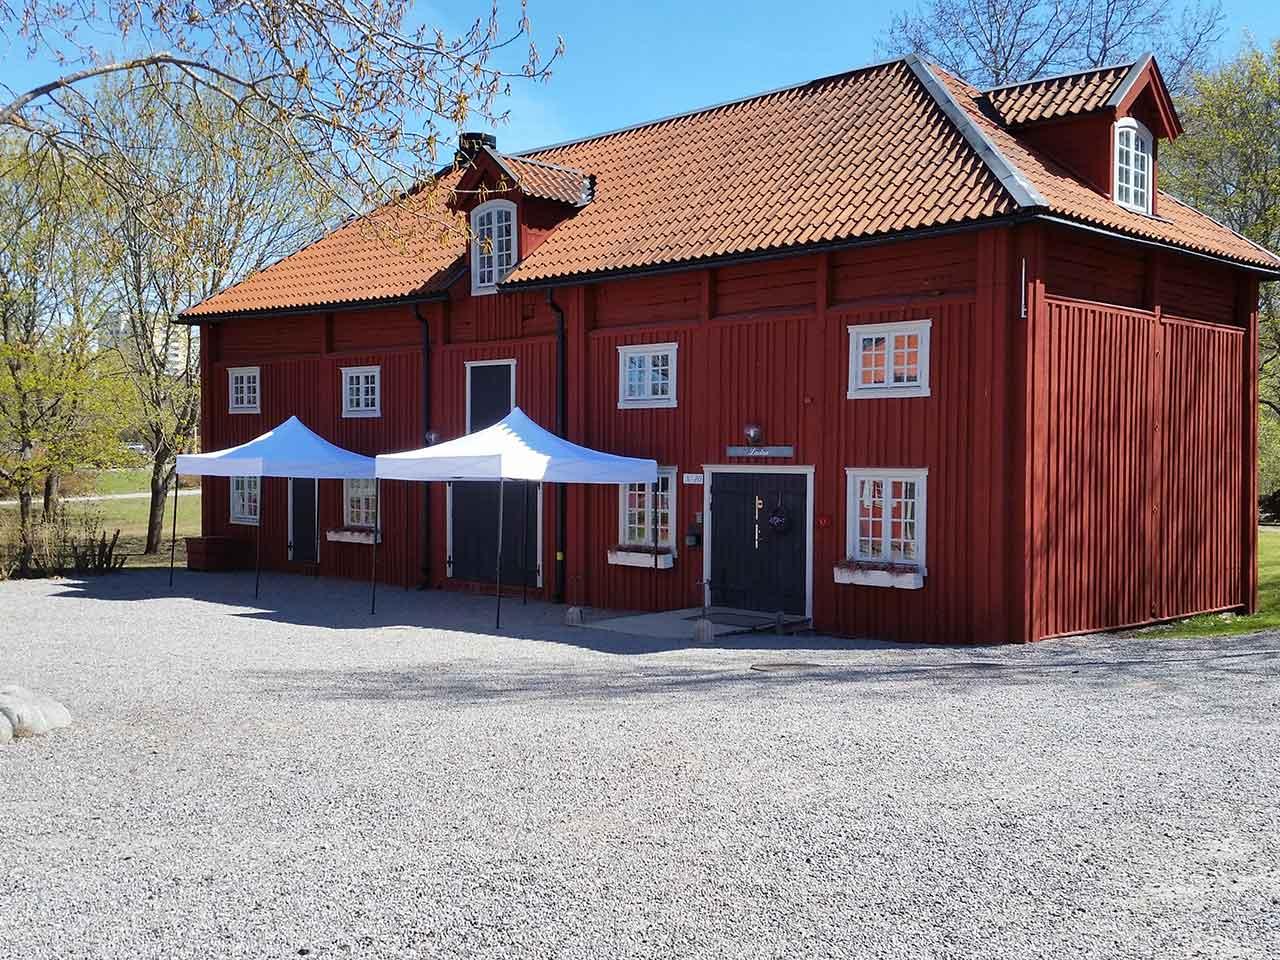 Farsta Gård - Utsidan av hus